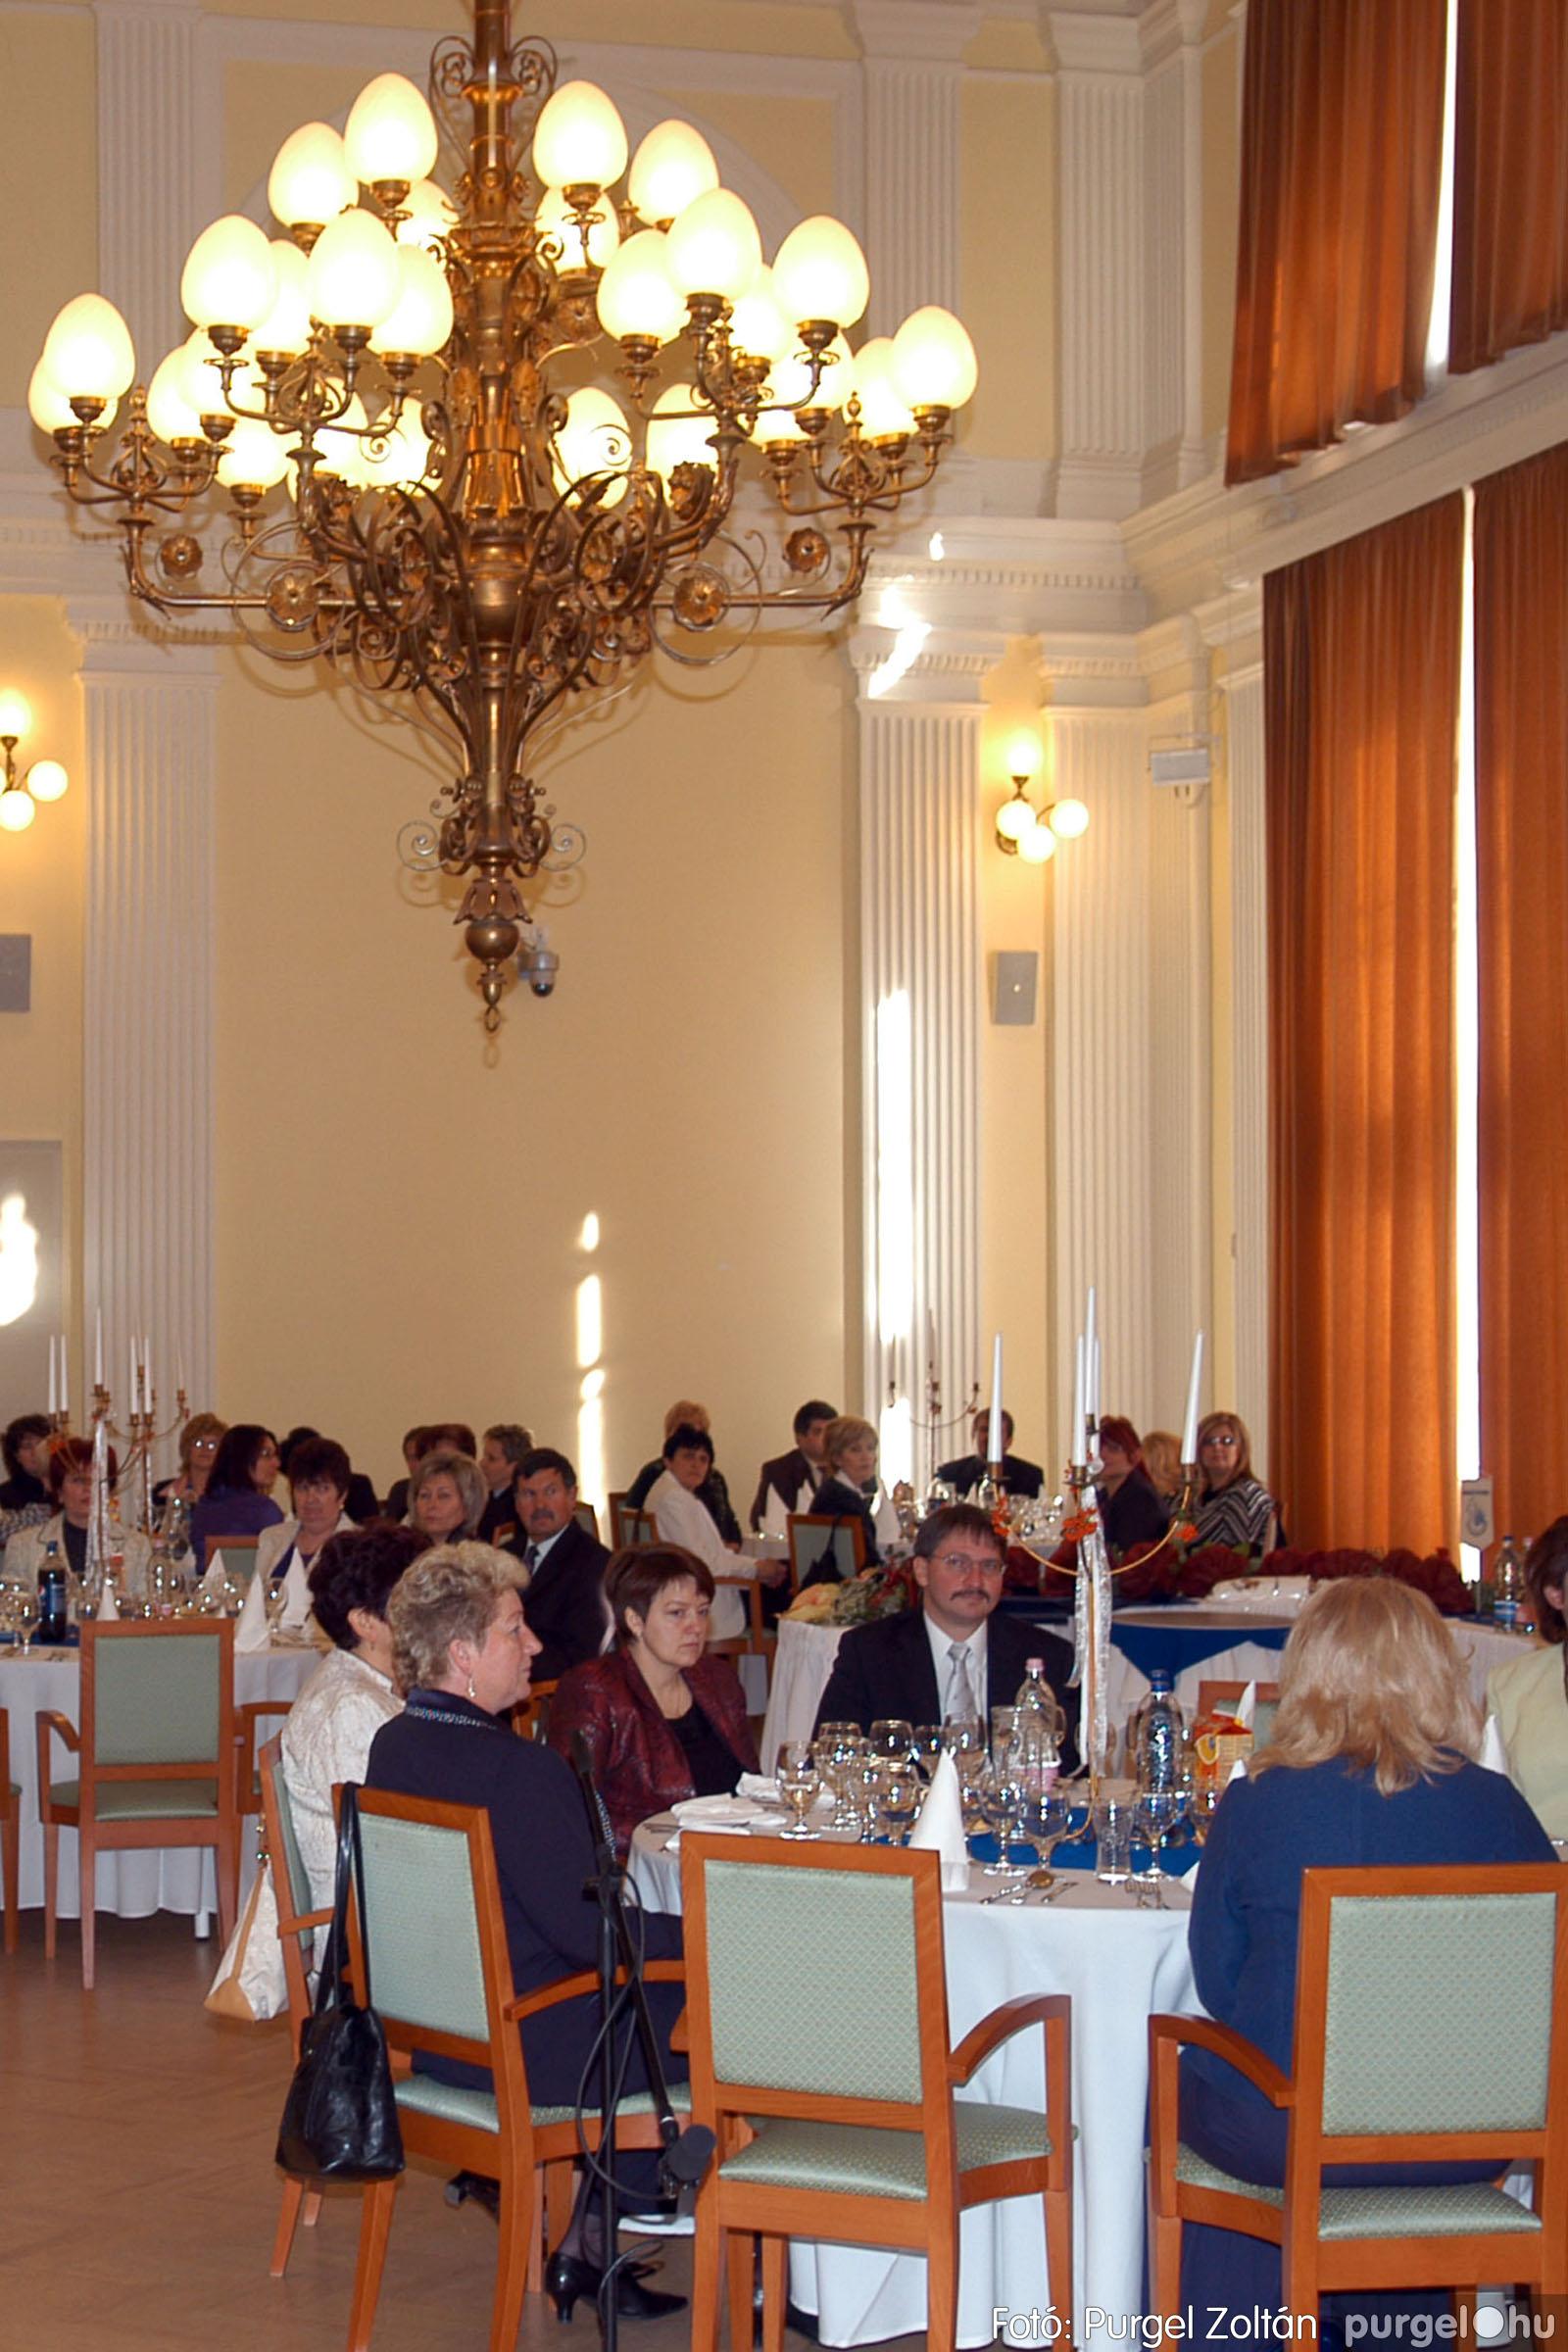 2010.10.28. 003 Szegvár és Vidéke Takarékszövetkezet takarékossági világnap rendezvény - Fotó:P. Z..jpg